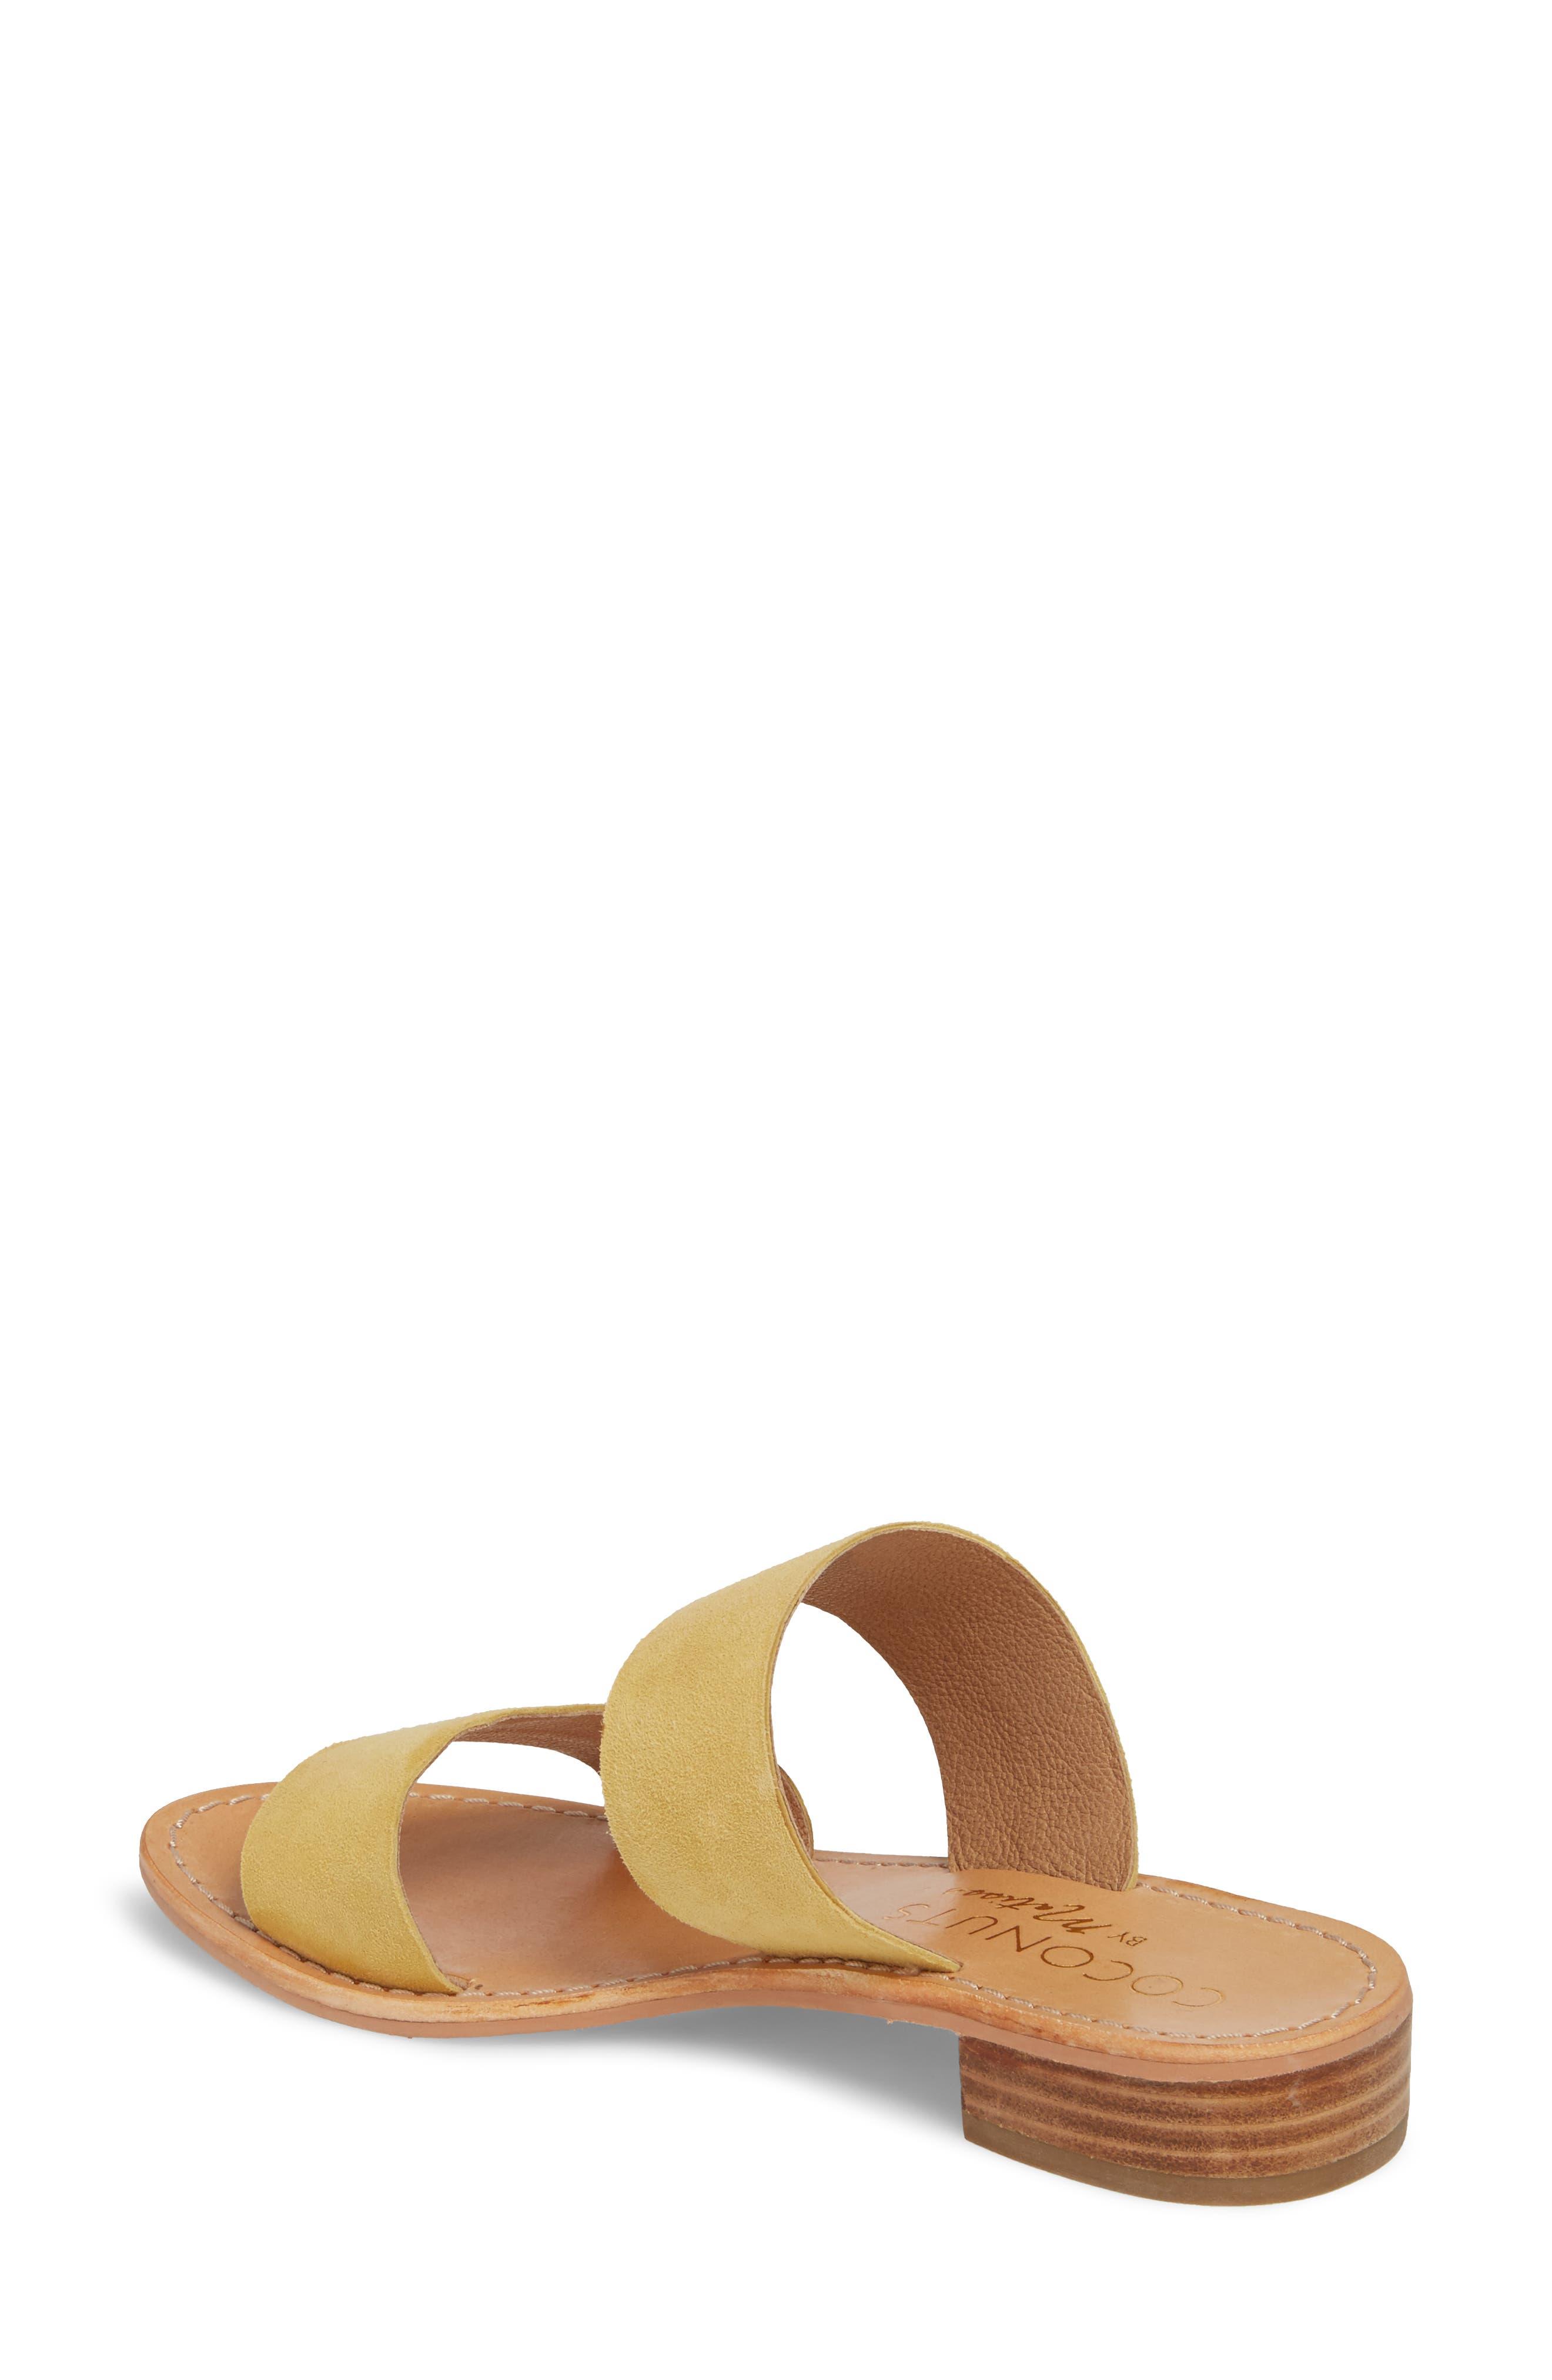 Limelight Slide Sandal,                             Alternate thumbnail 8, color,